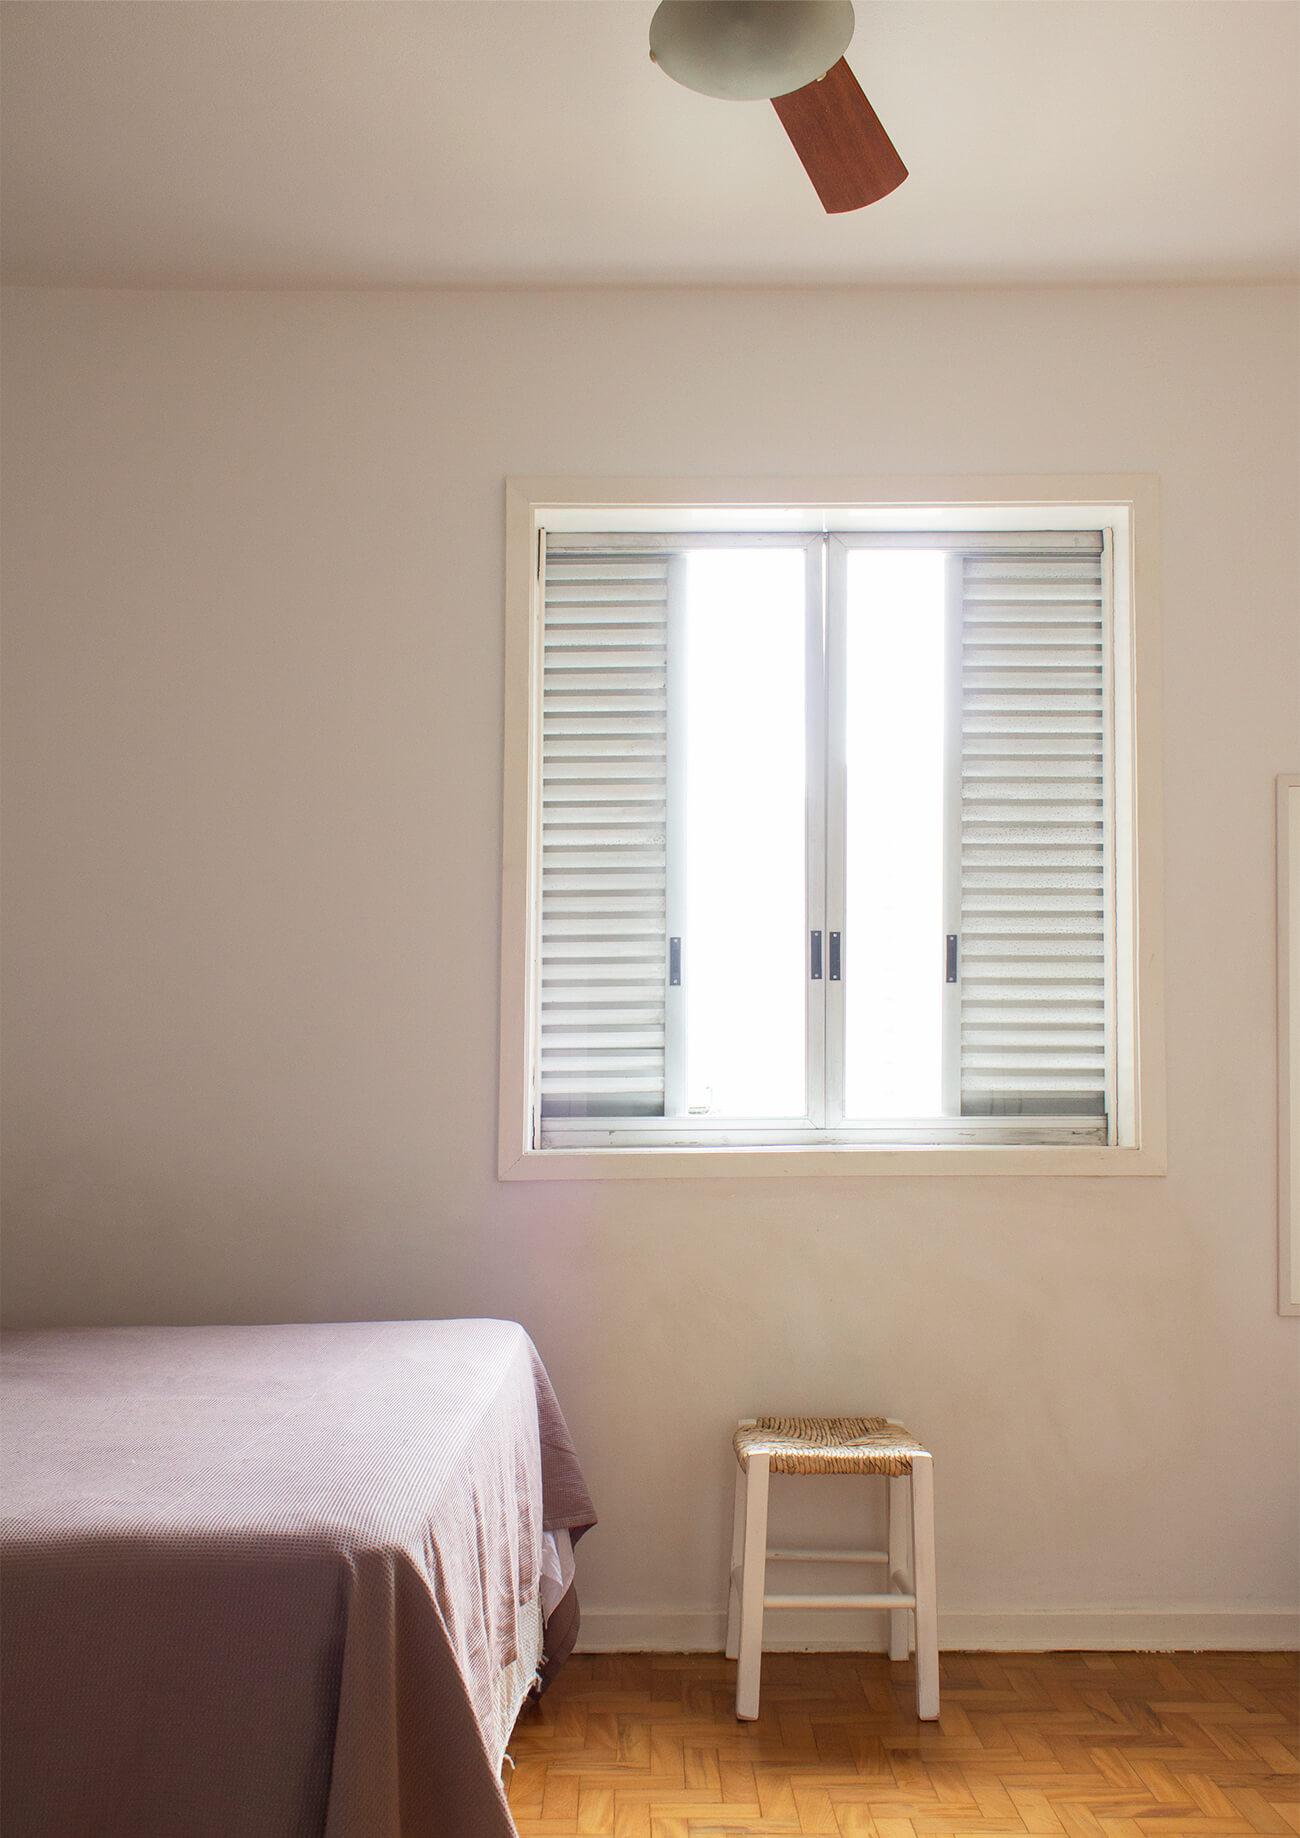 Antes e depois no quarto: janela antiga